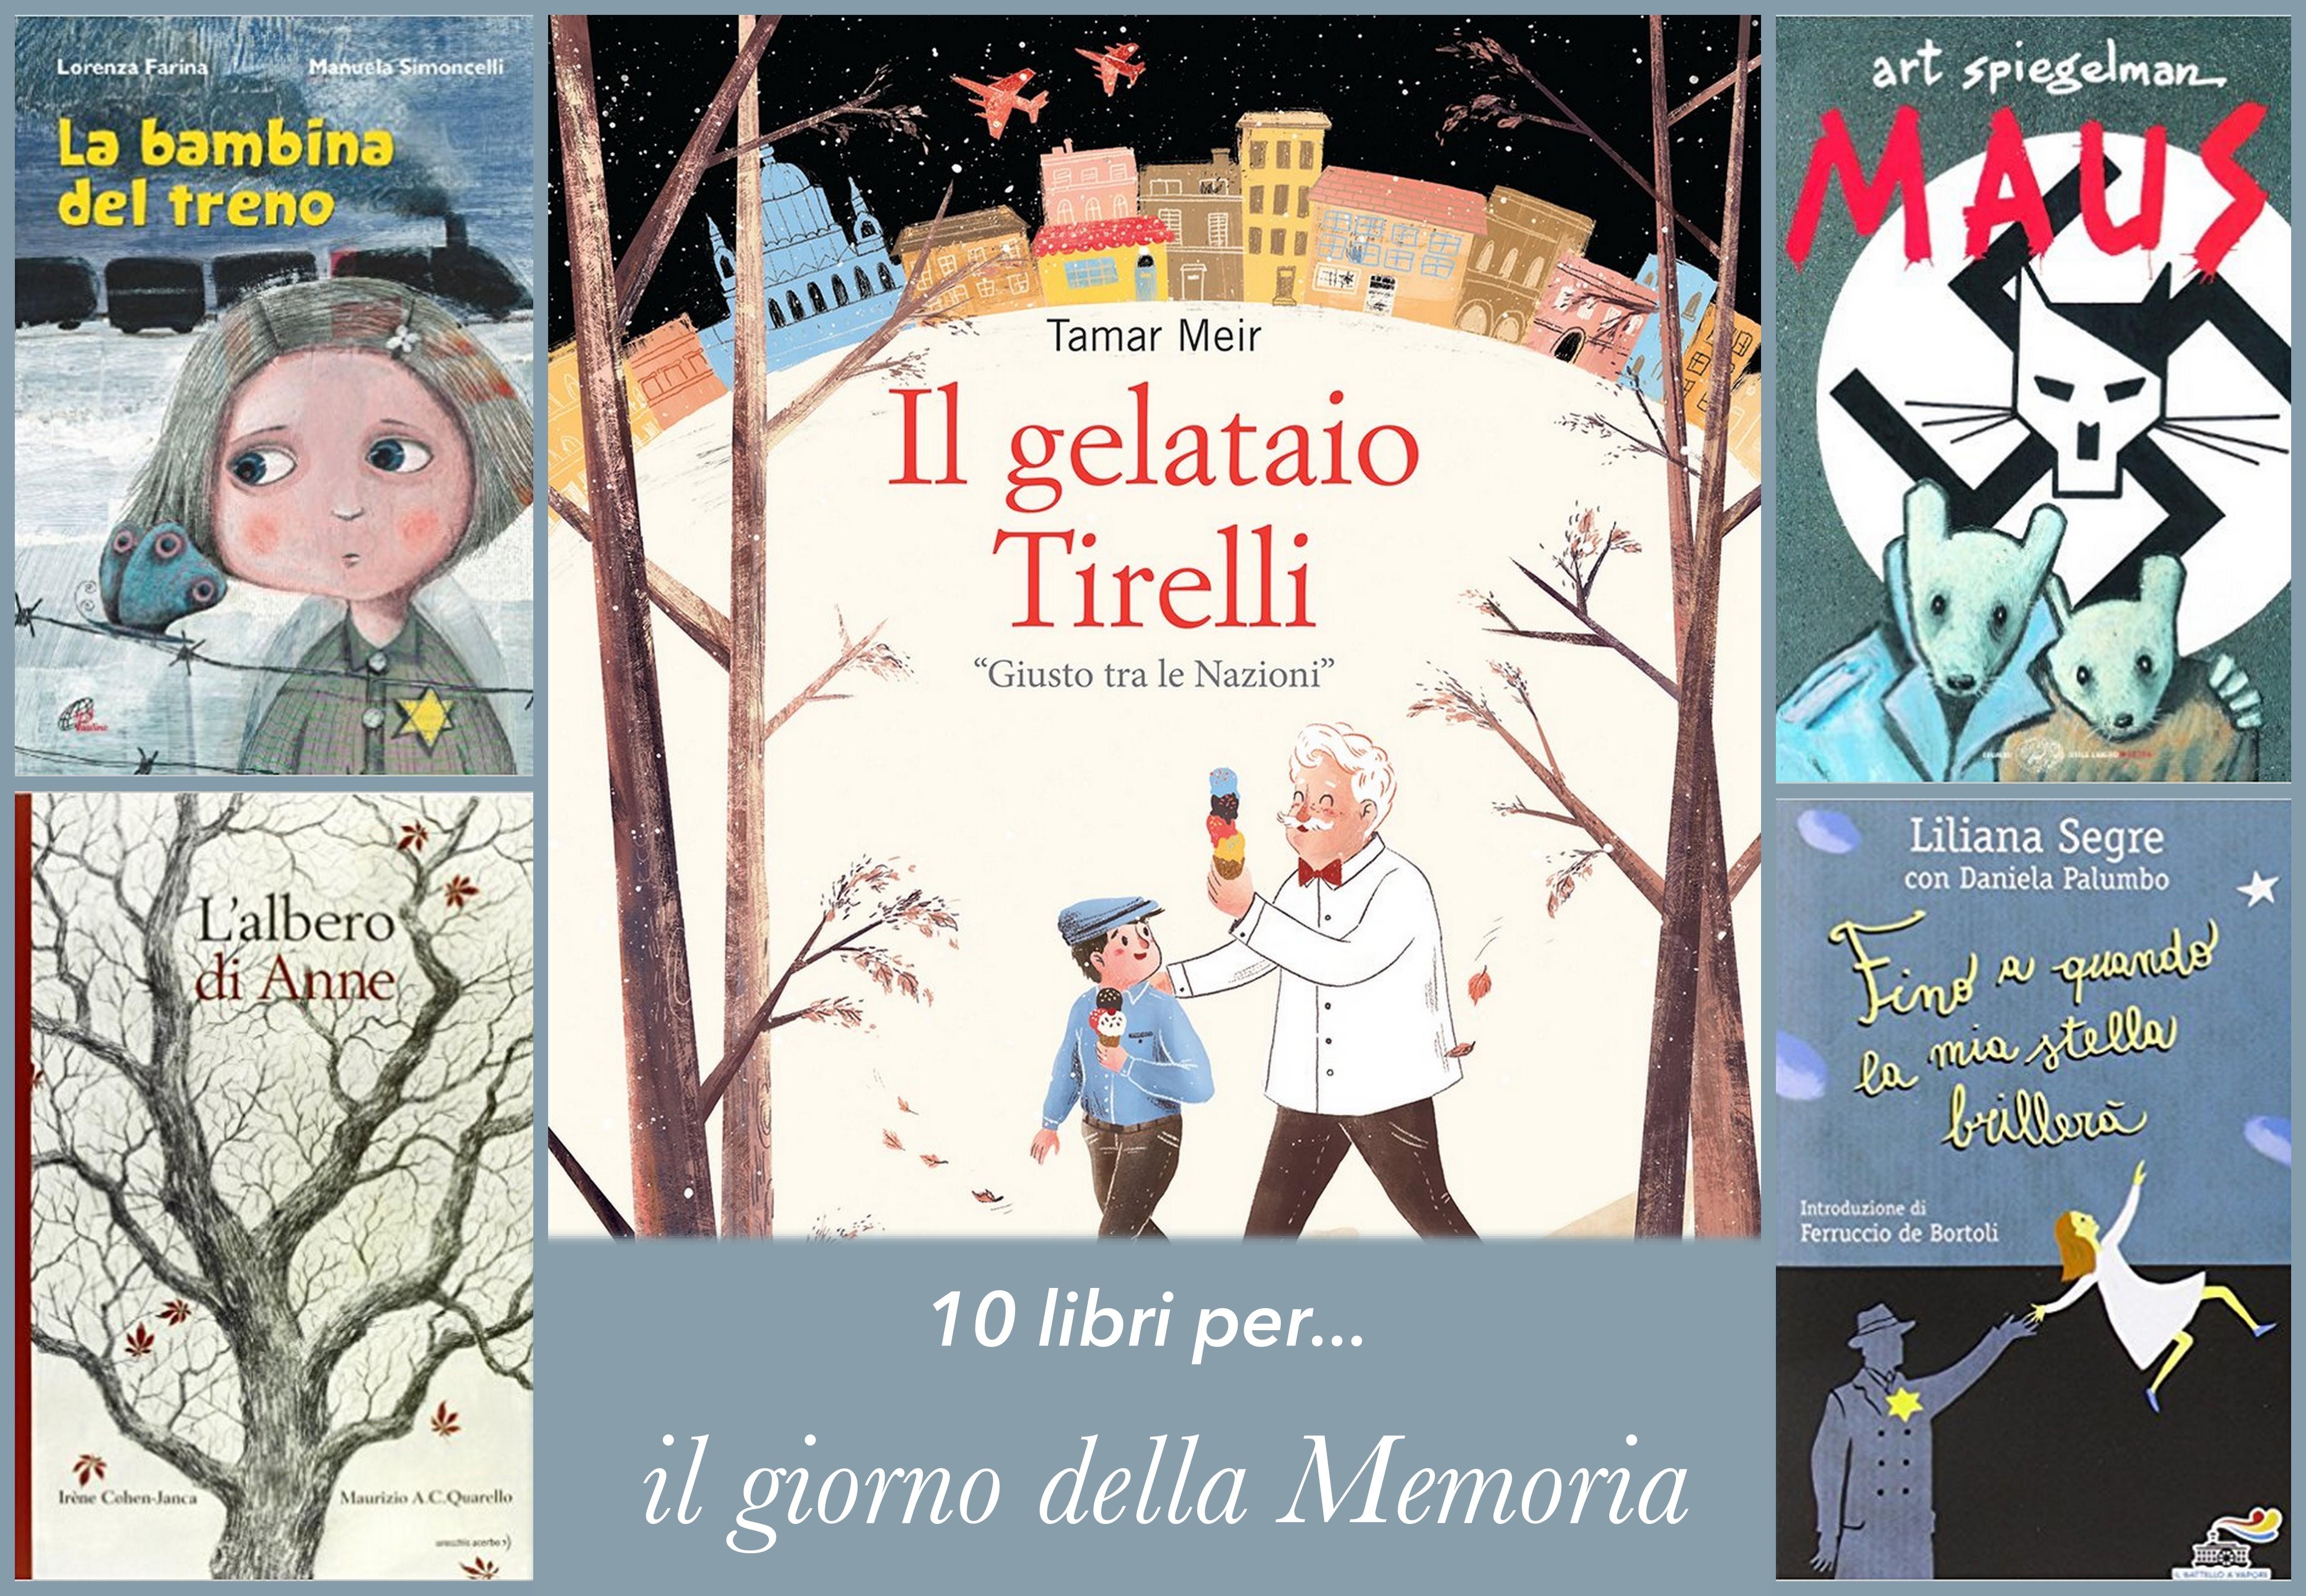 10 libri per il giorno della memoria